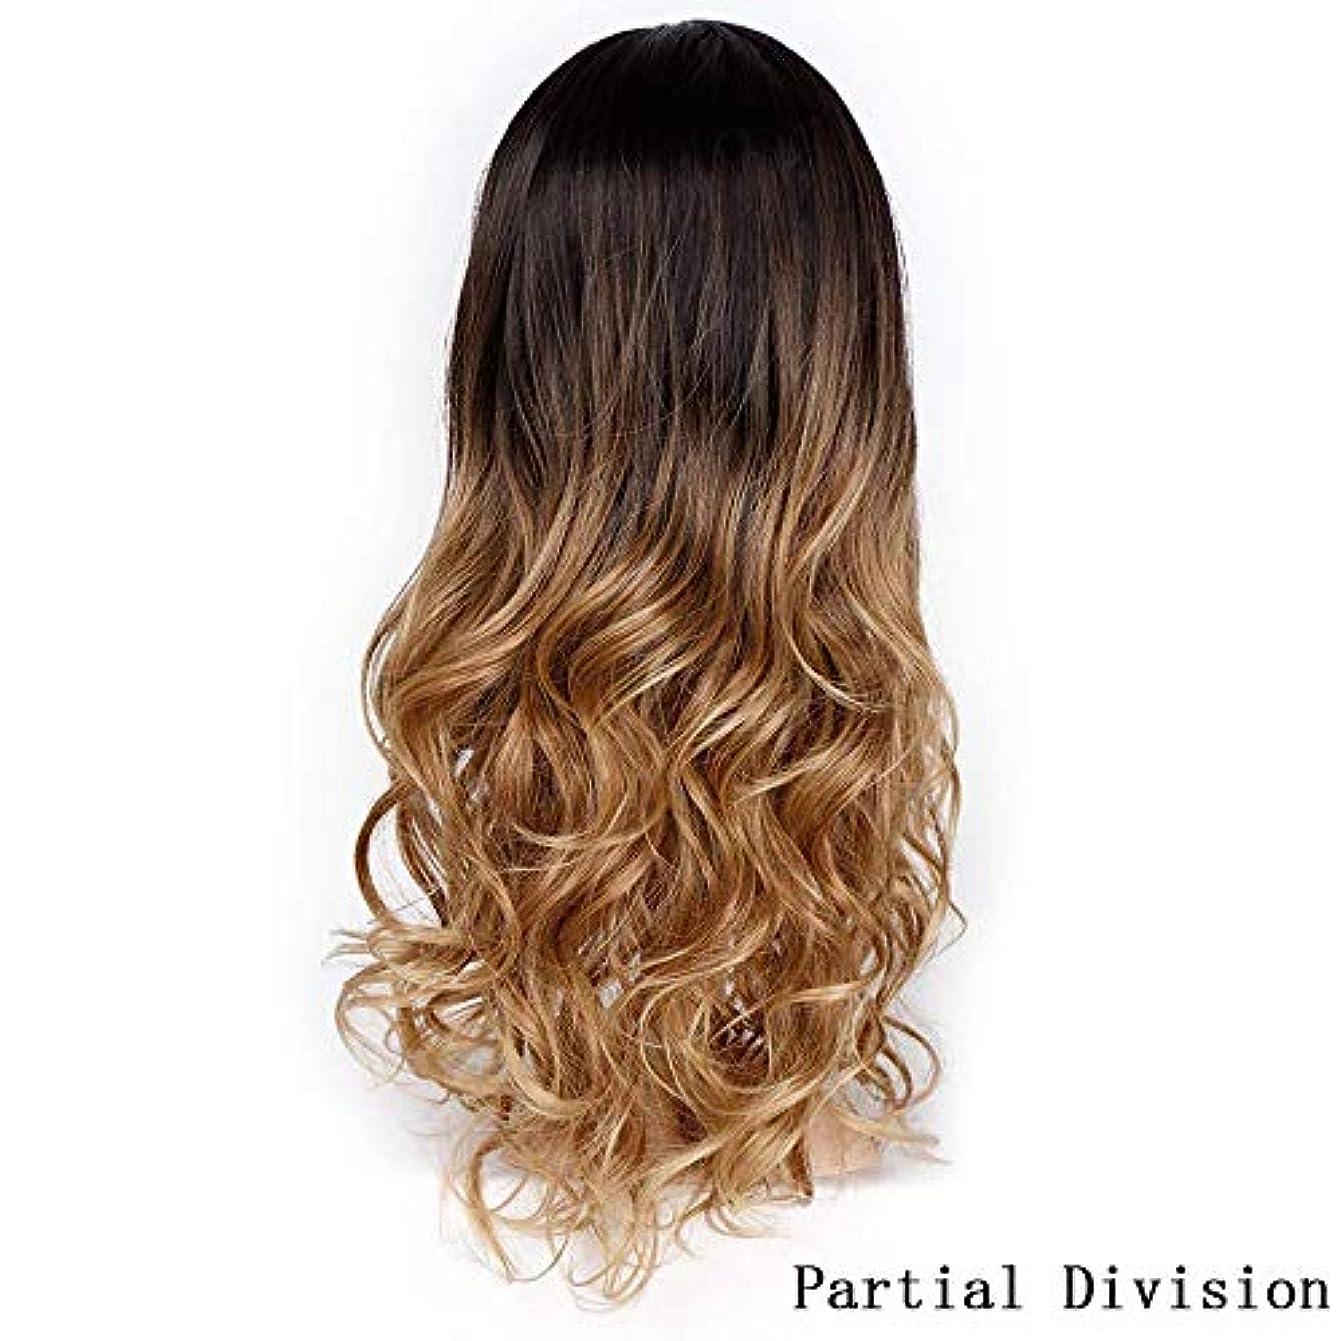 に沿ってウェイター執着美しく 女性グルーレスコスプレ耐熱パーティーウィッグ激しくロングオンブルブラウンブロンド波状のかつら自然な髪の分け目合成ウィッグ (Color : R3 30 27, Stretched Length : 24inches)